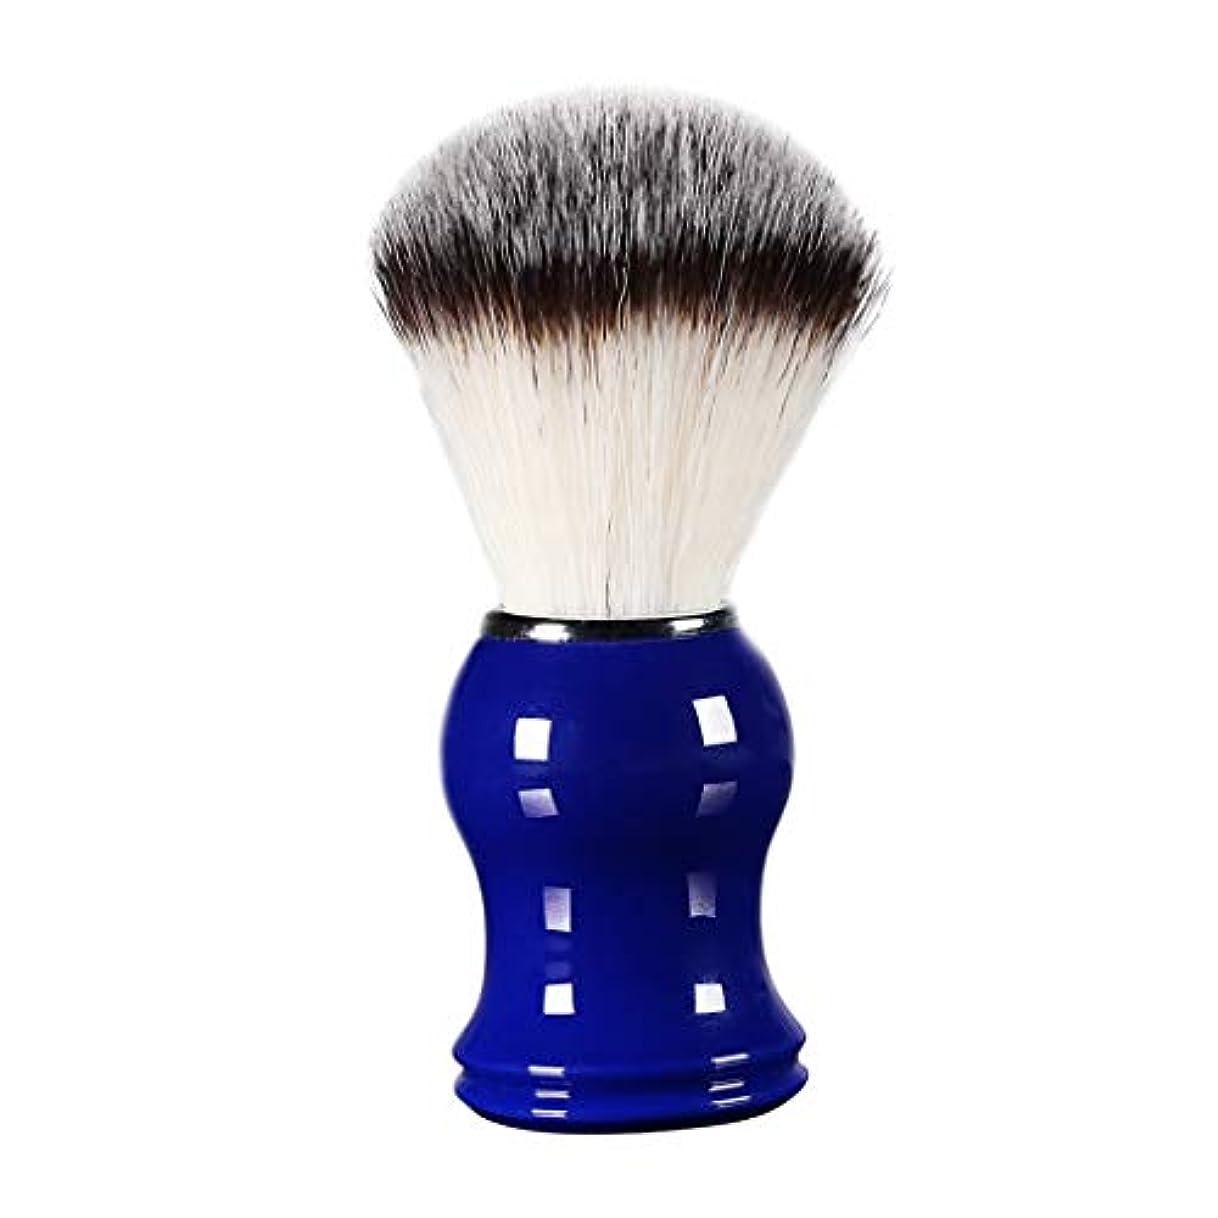 十億旅松明床屋 サロン 髭剃り シェービングブラシ メンズ 泡立ち 洗顔 理容 約11cm